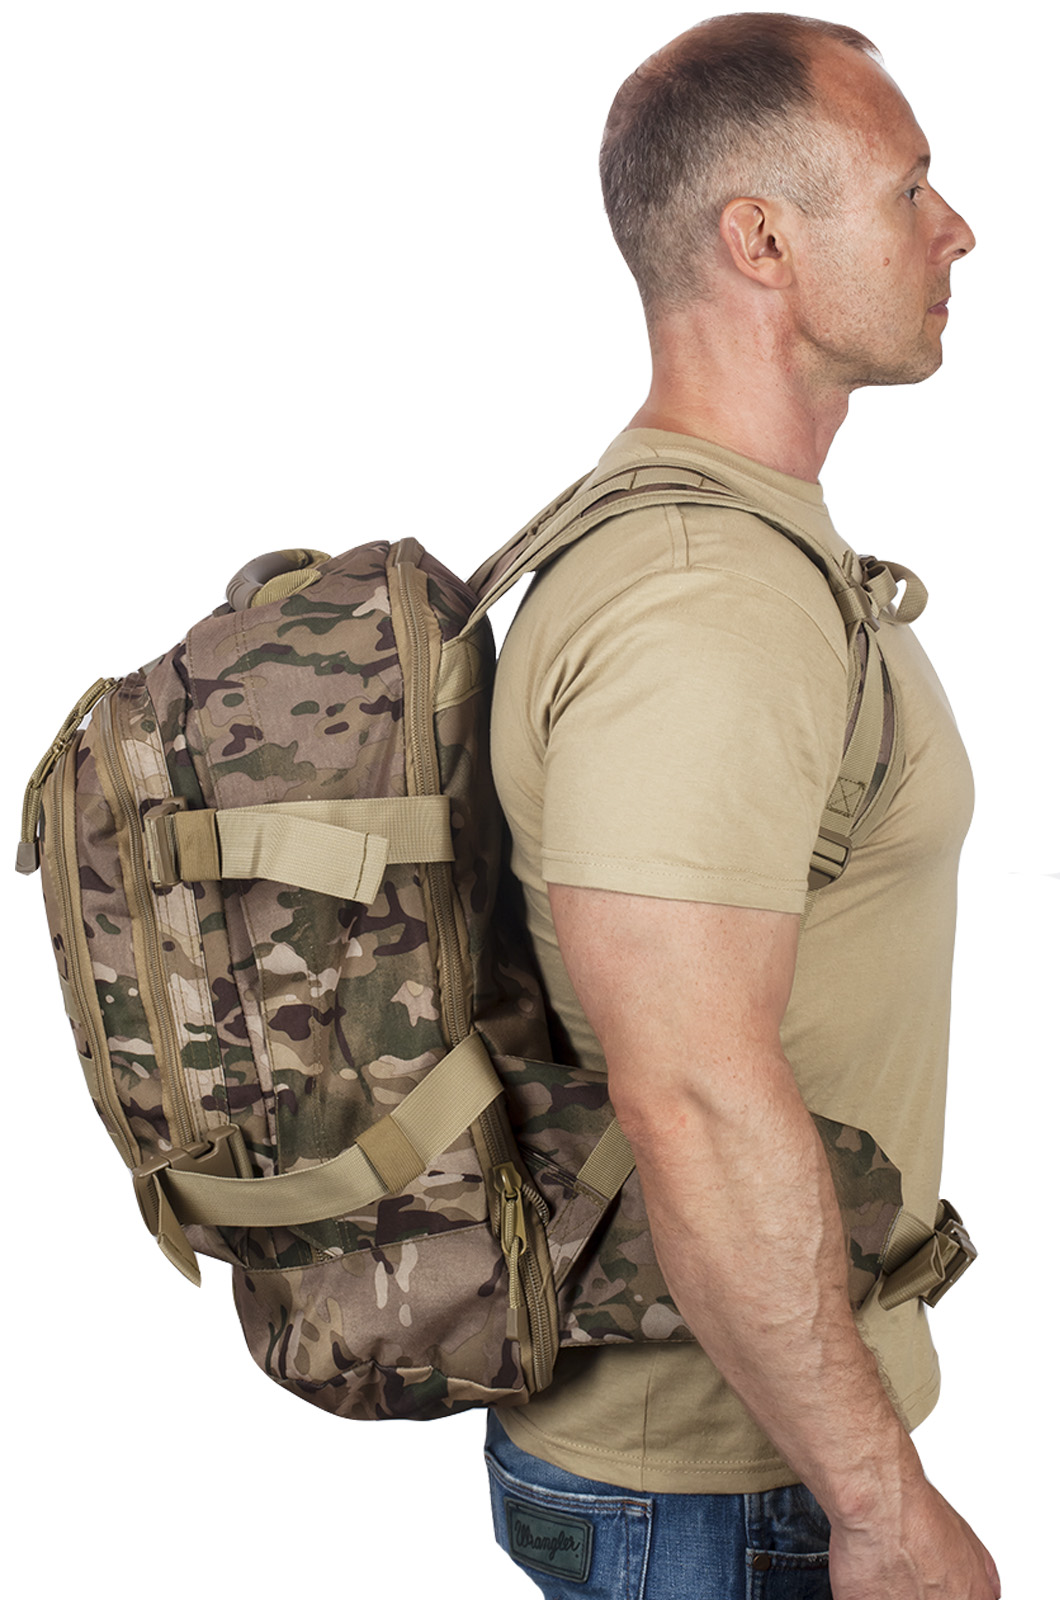 Рюкзак снайпера 3-Day Expandable Backpack 08002A Multicam с эмблемой СССР